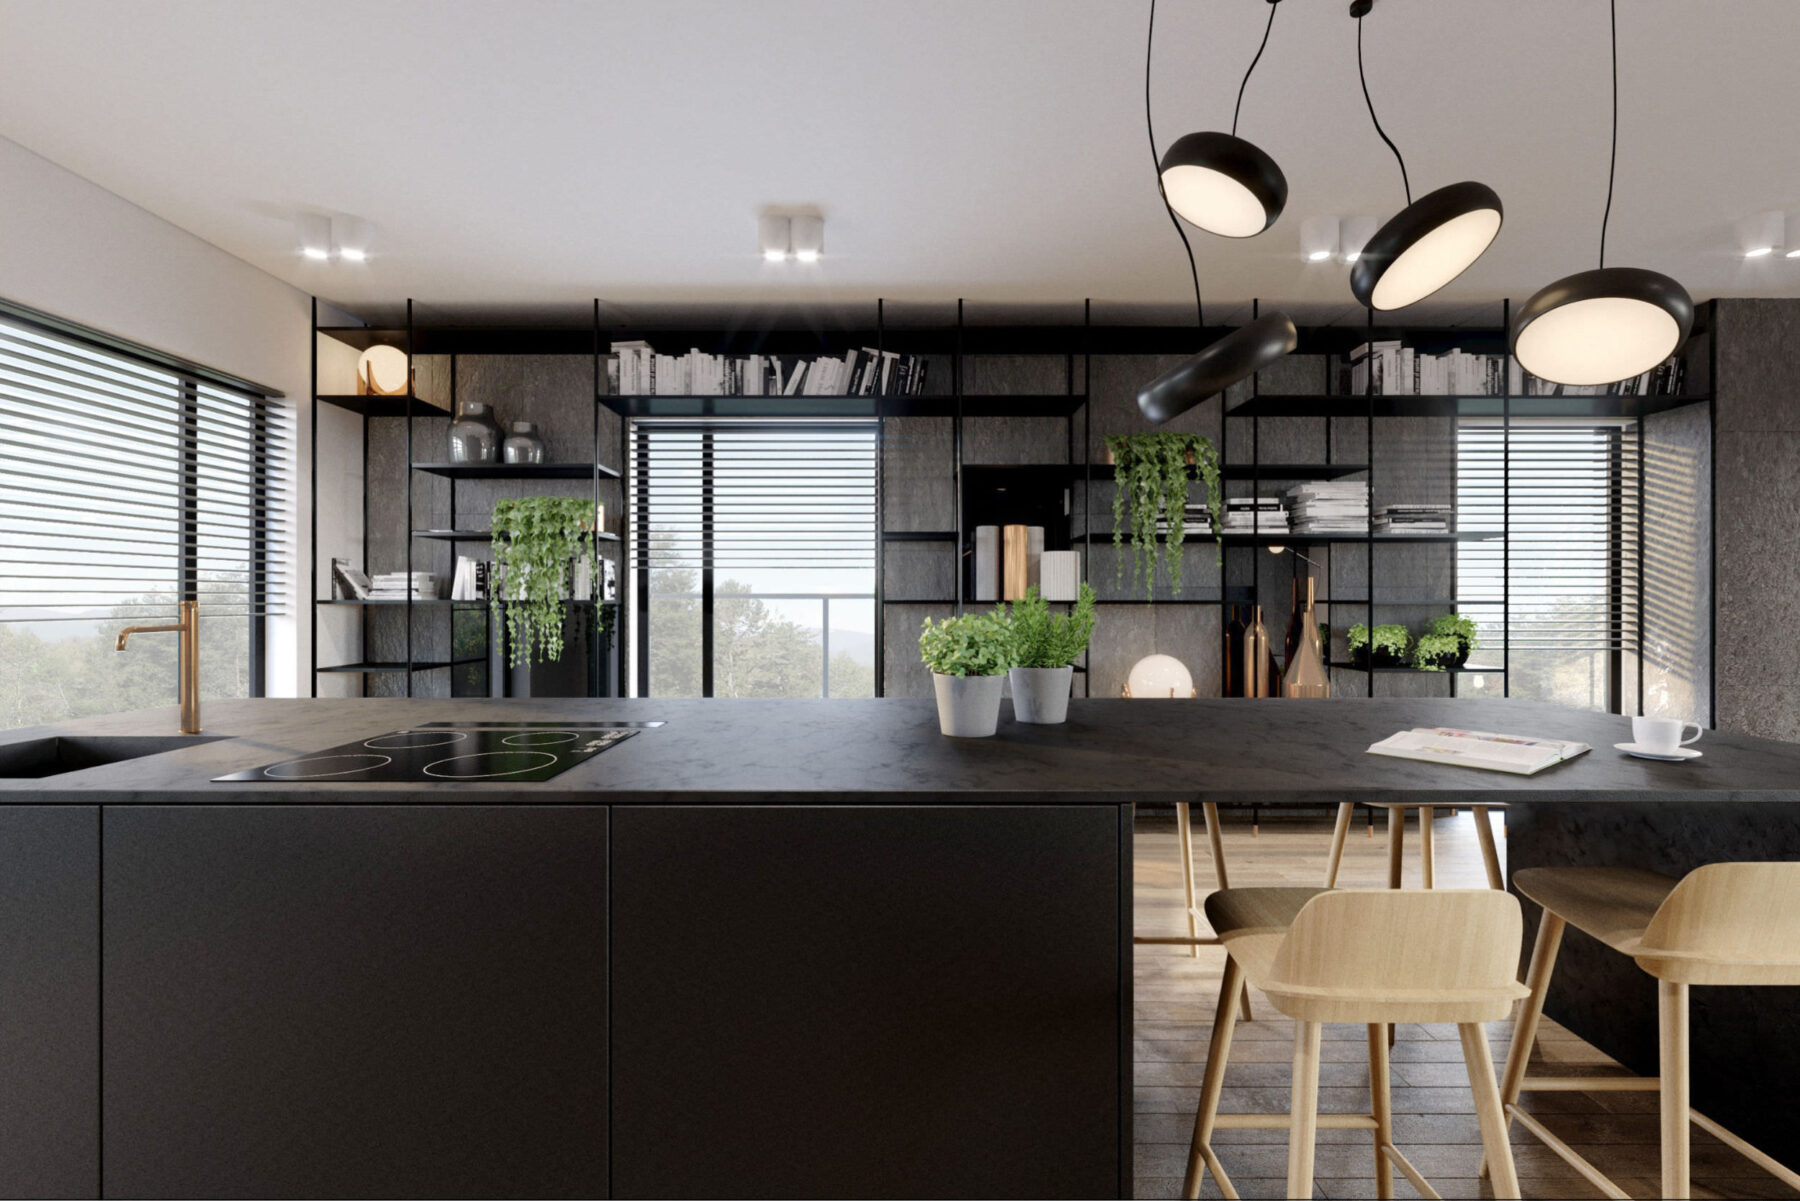 Apartament cuprum kando architects for Cocinas con granito negro